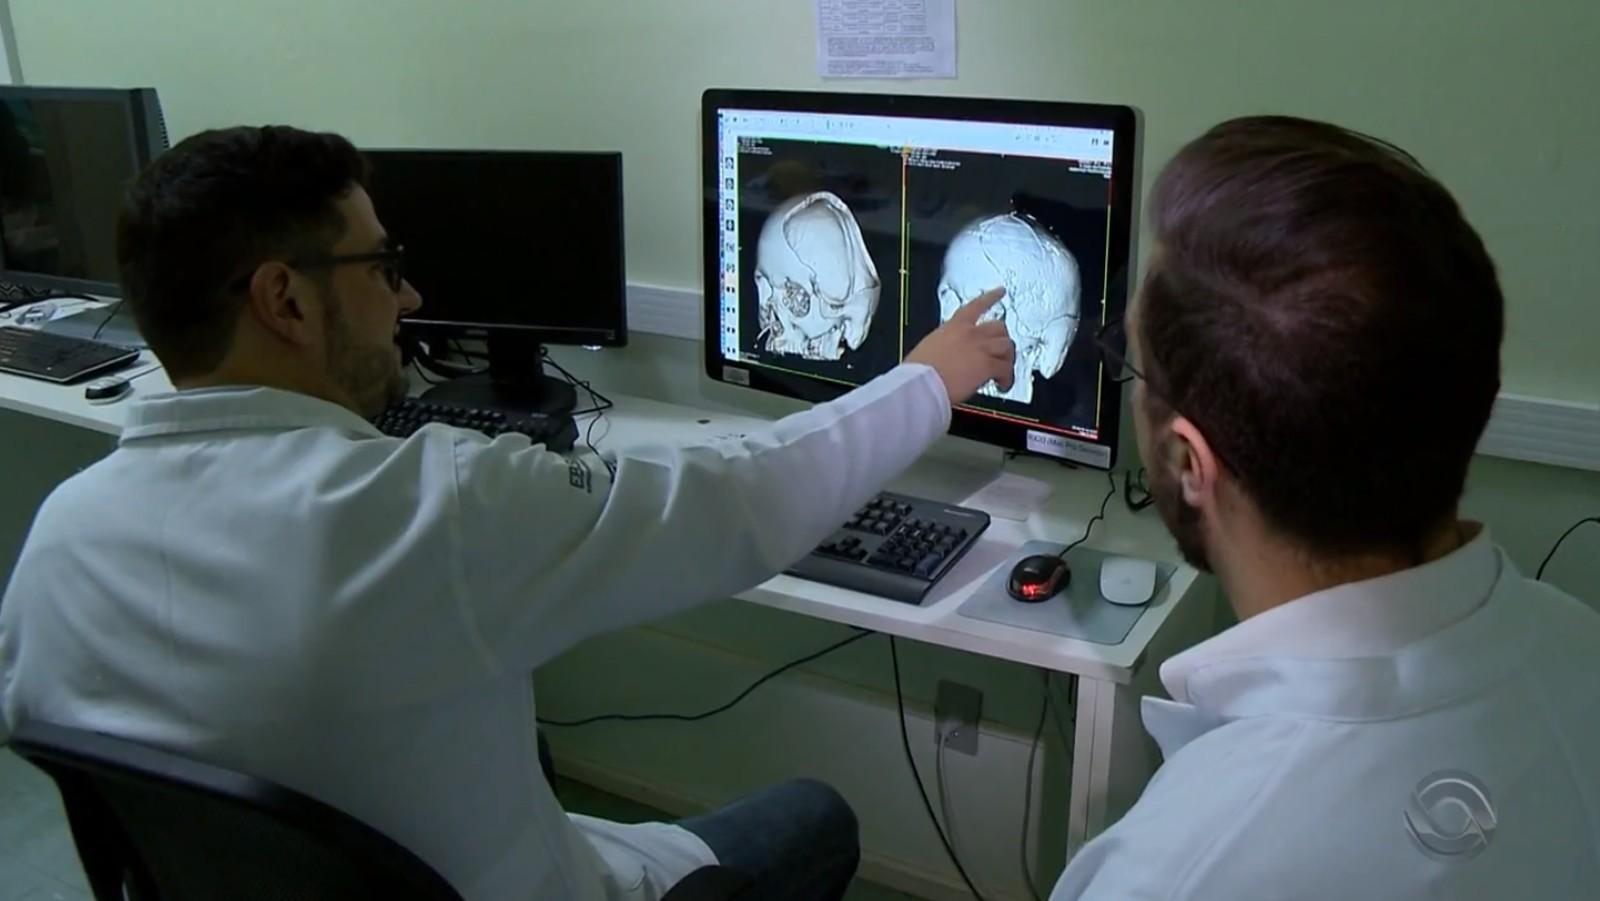 Médicos usam impressora 3D para reconstituir o crânio de um paciente em Santa Maria